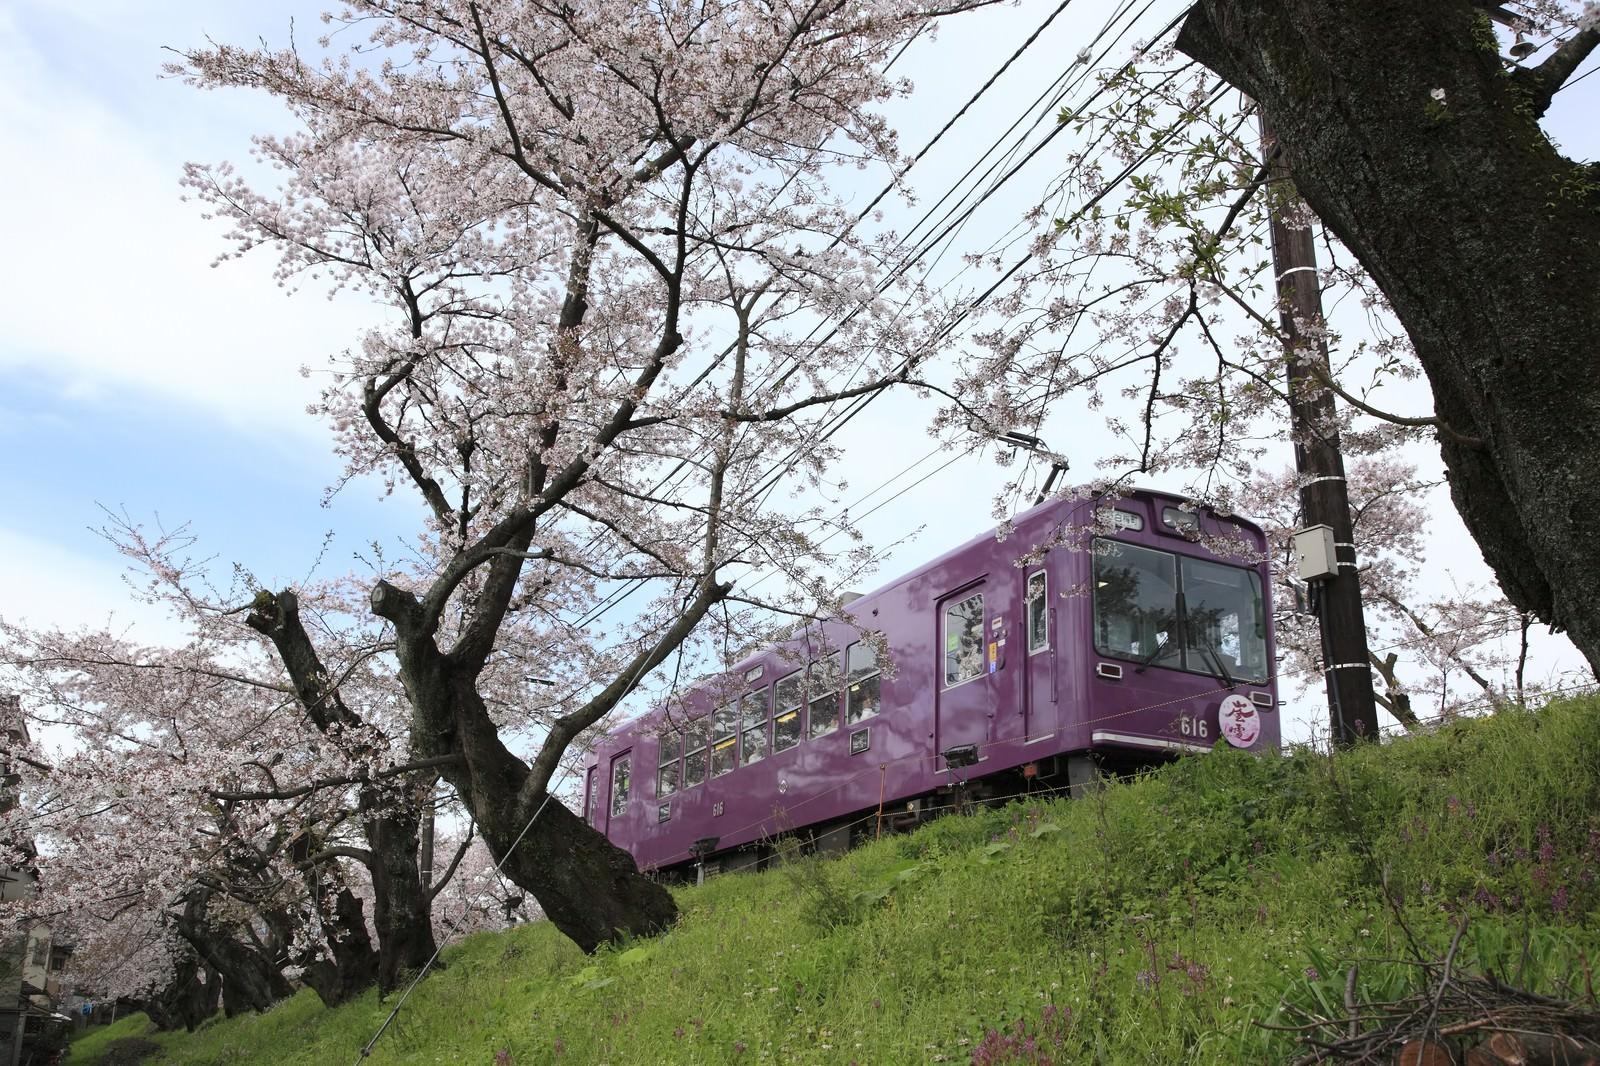 「サクラの木と電車」の写真